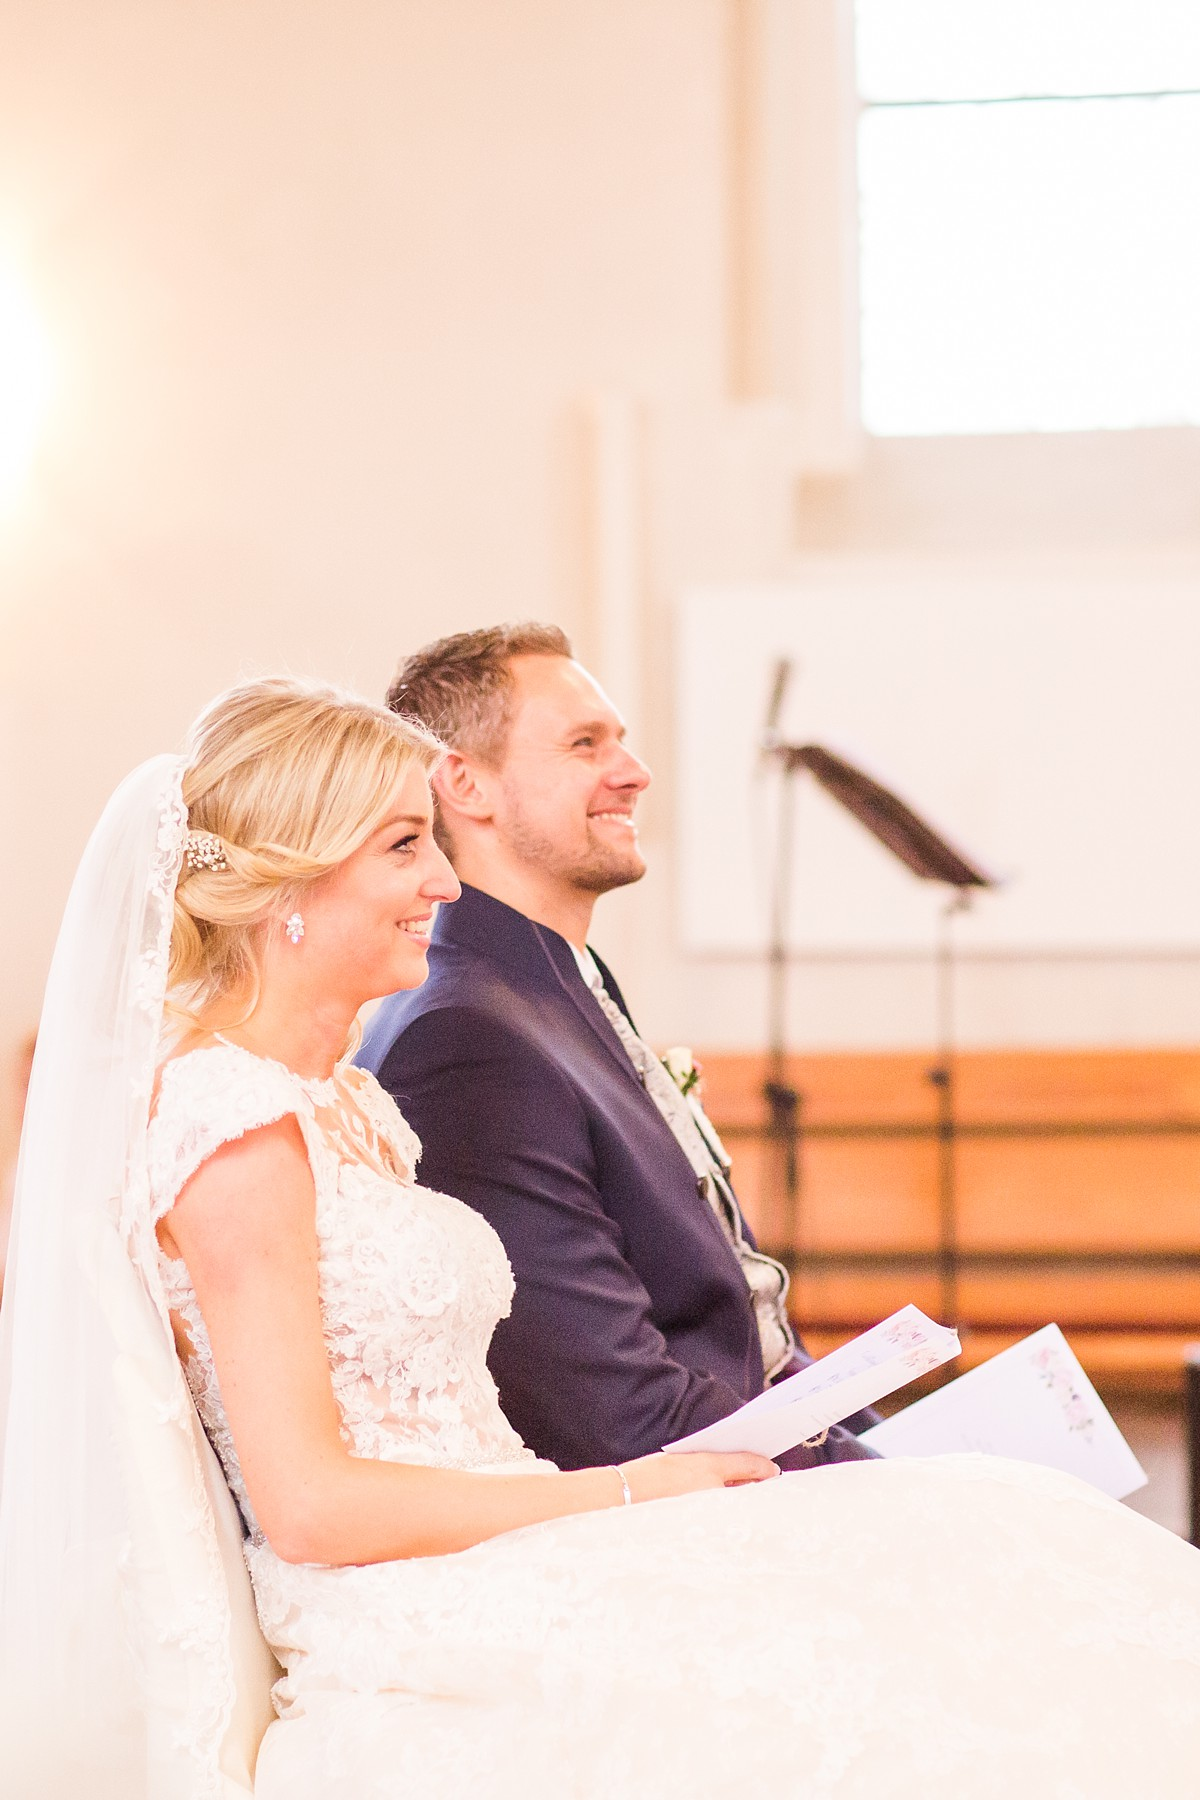 Hochzeitsfotograf-Herford-van-Laer-Fotograf-Hochzeit-Nrw_0034